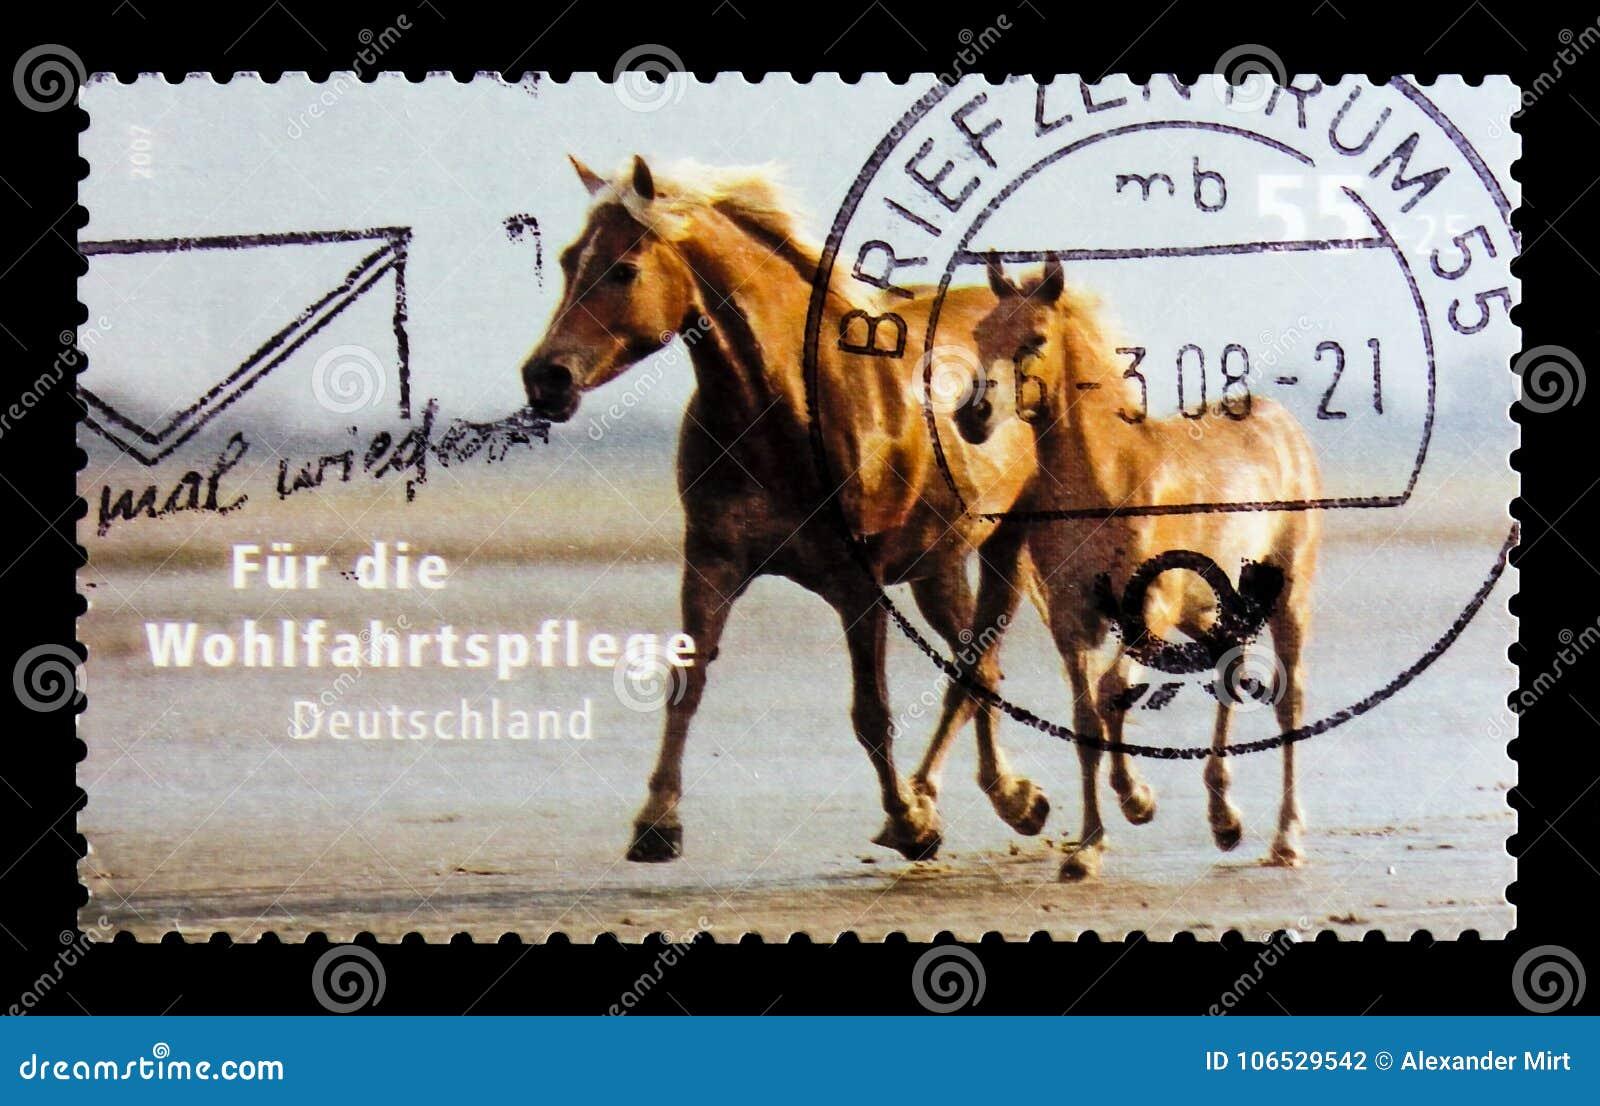 MOSCÚ, RUSIA - 21 DE OCTUBRE DE 2017: Un sello impreso en alemán FED